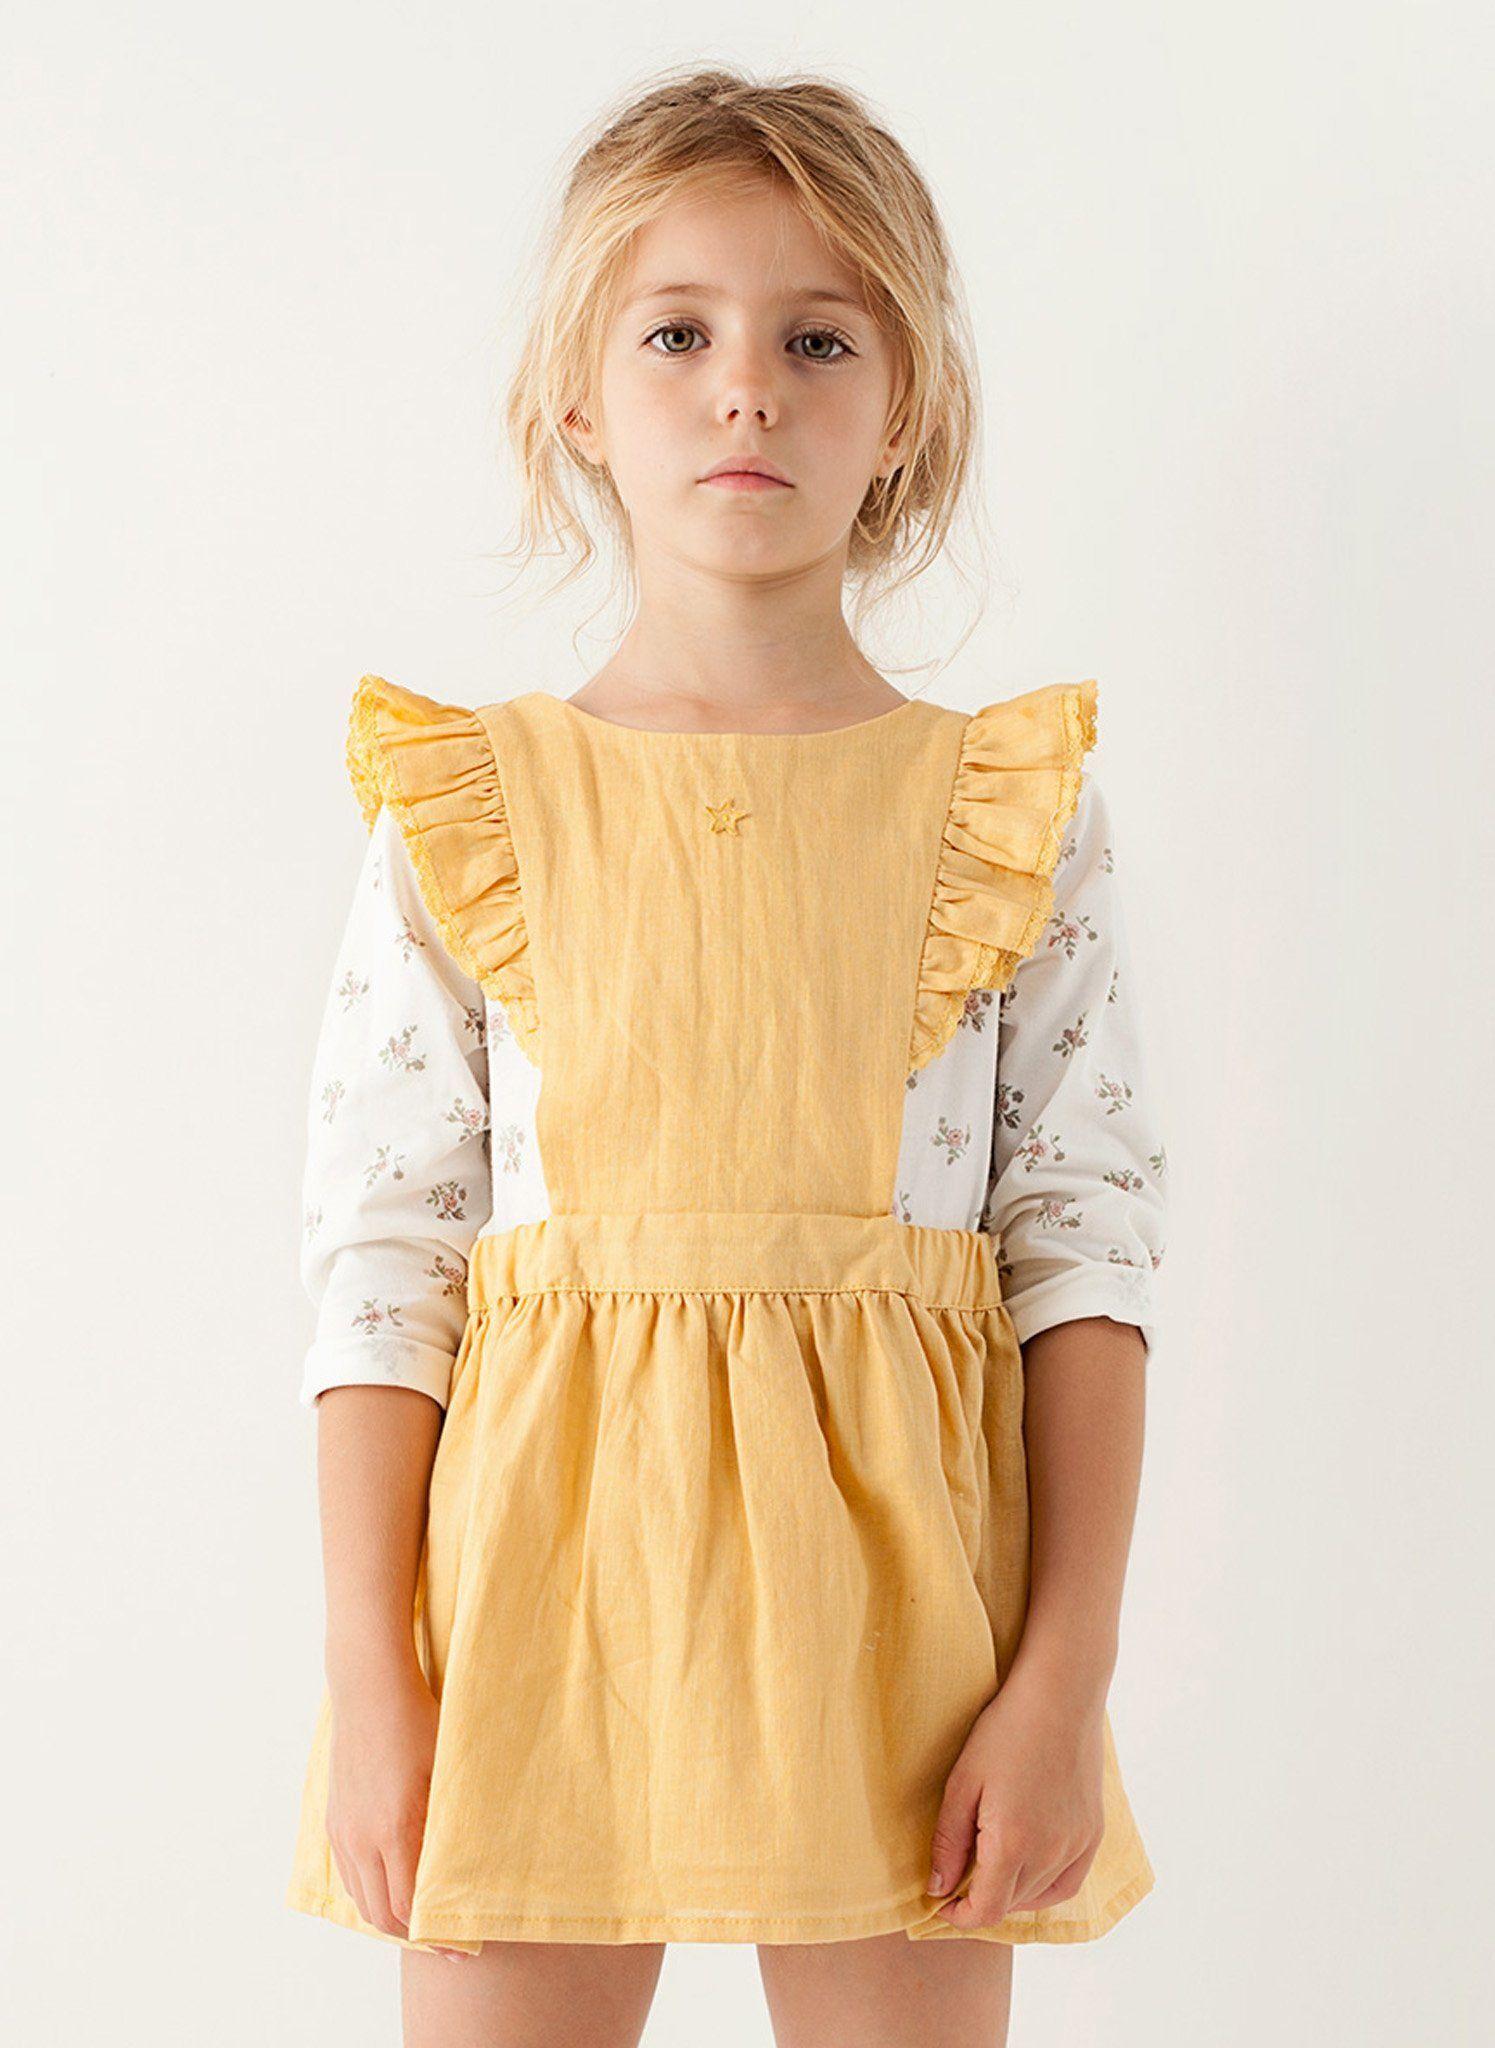 58dc0d33fe20 Tocoto Vintage Girls Short Dress - FINAL